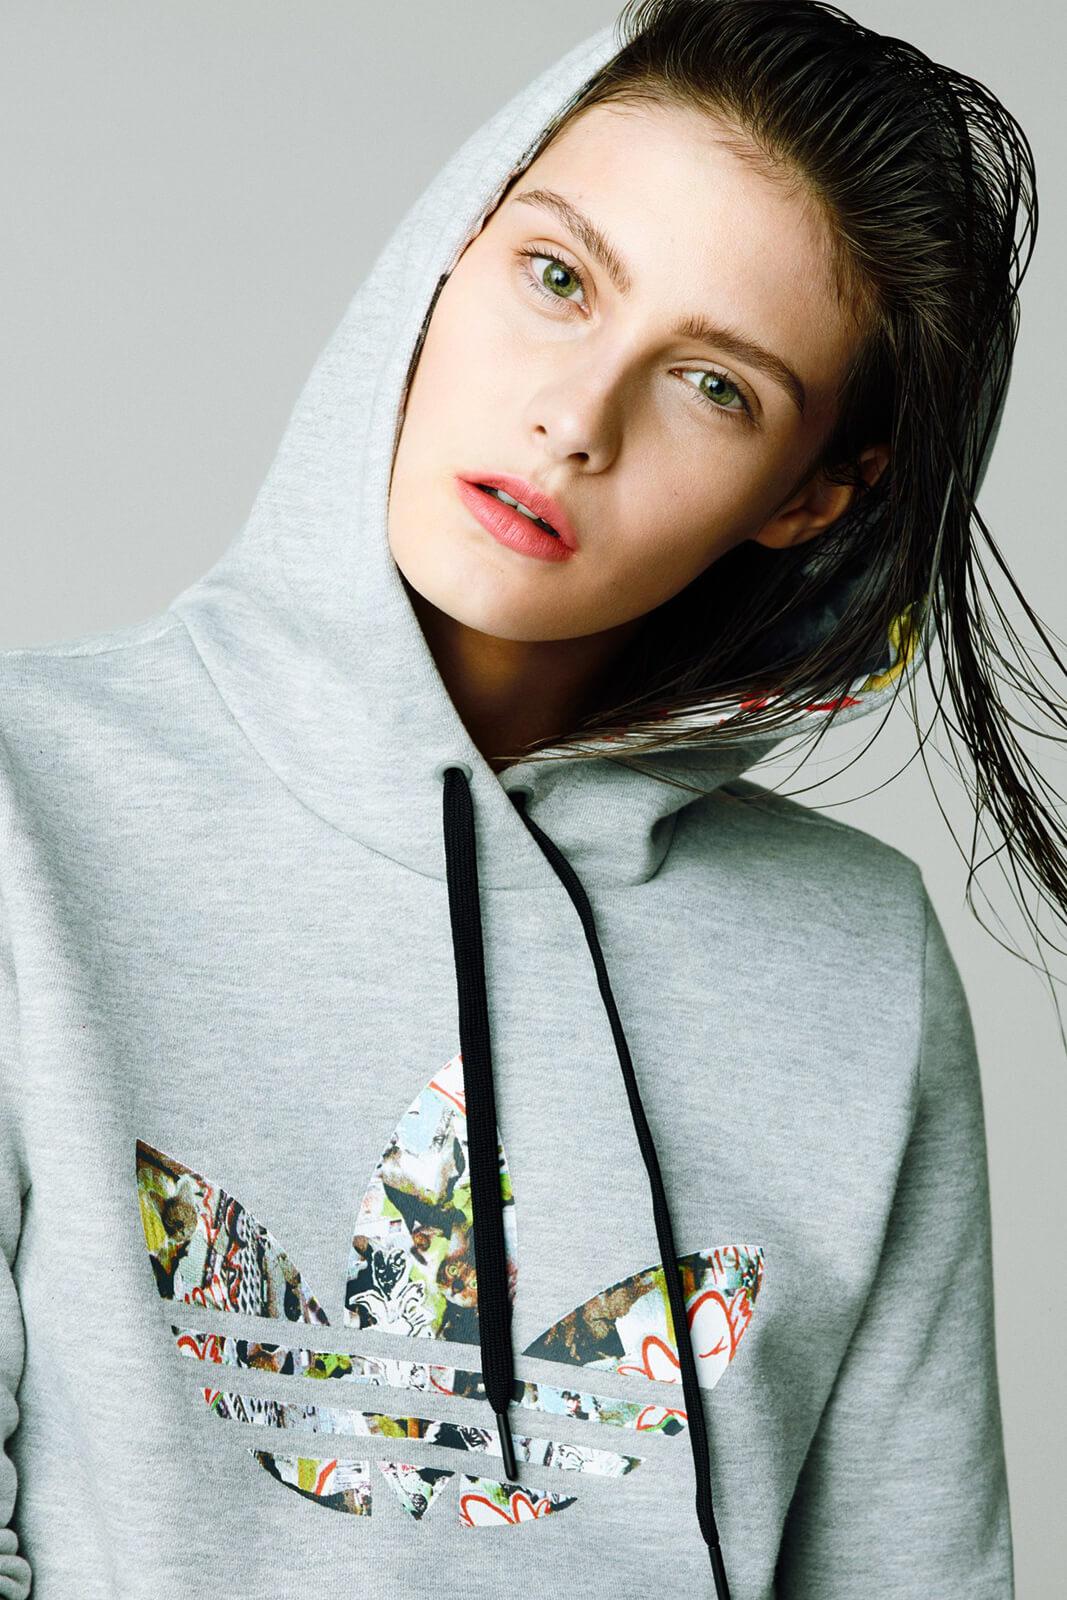 Adidas-Originals-Top-Shop-8